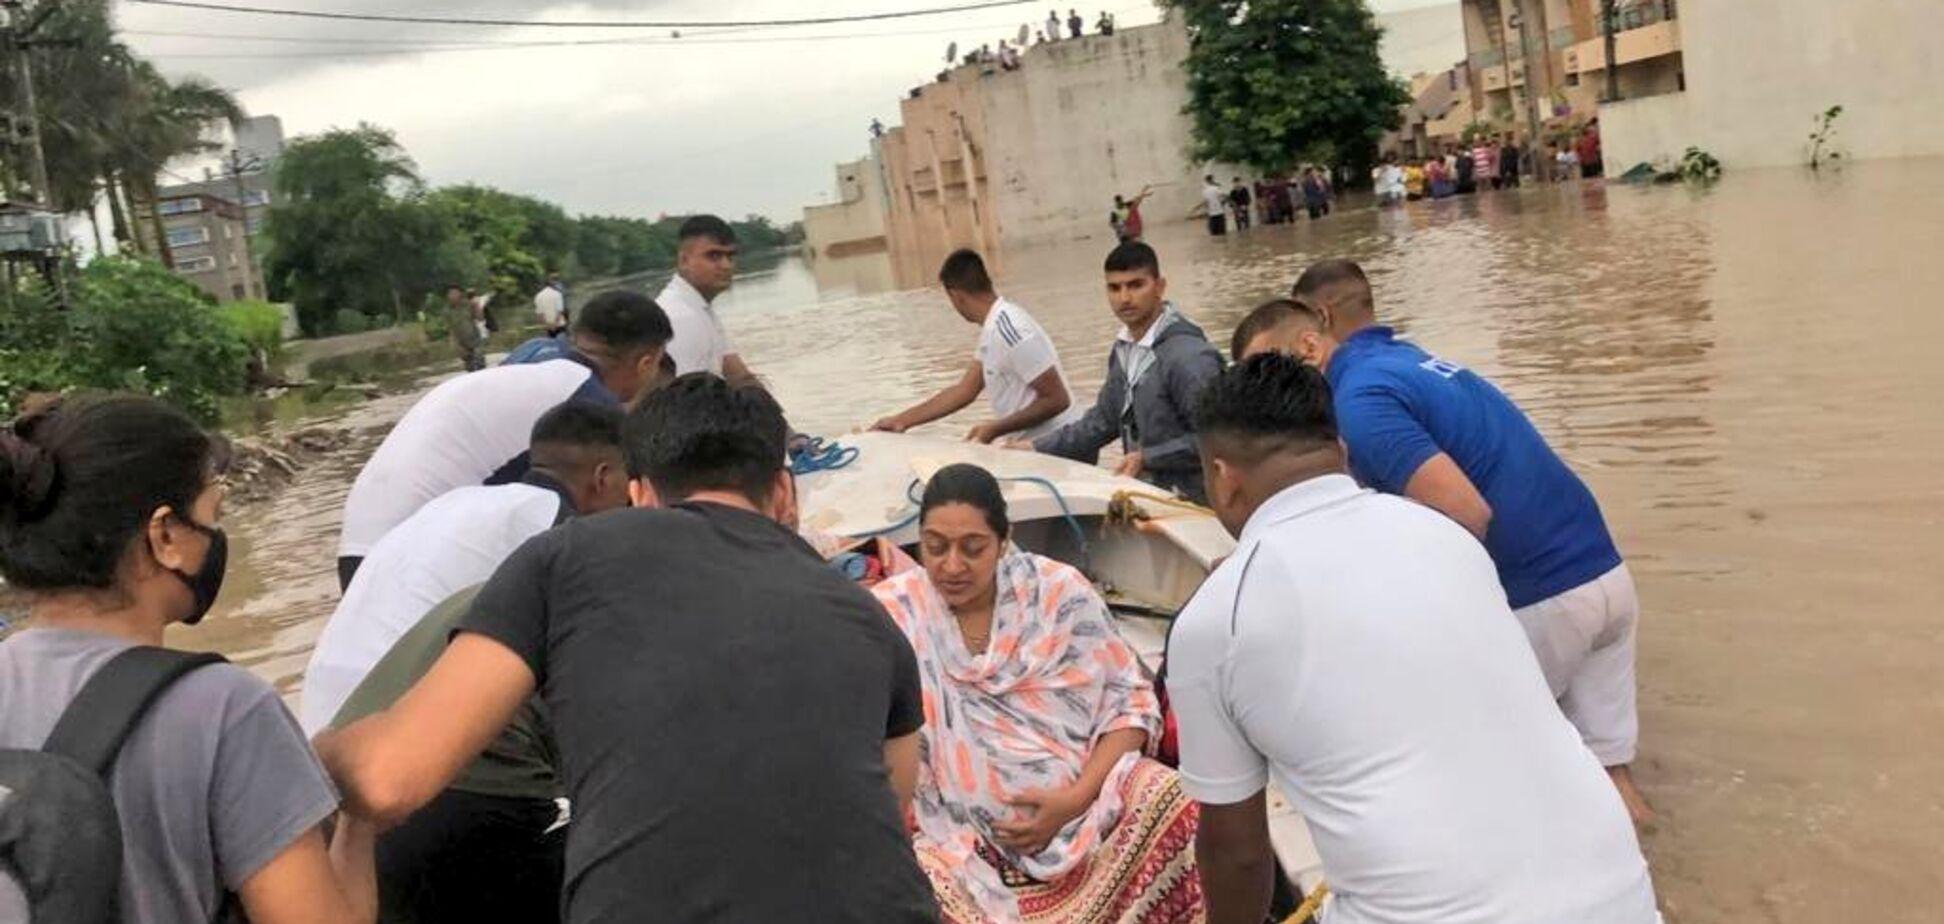 В Испании масштабное наводнение: вода размыла дороги и улицы